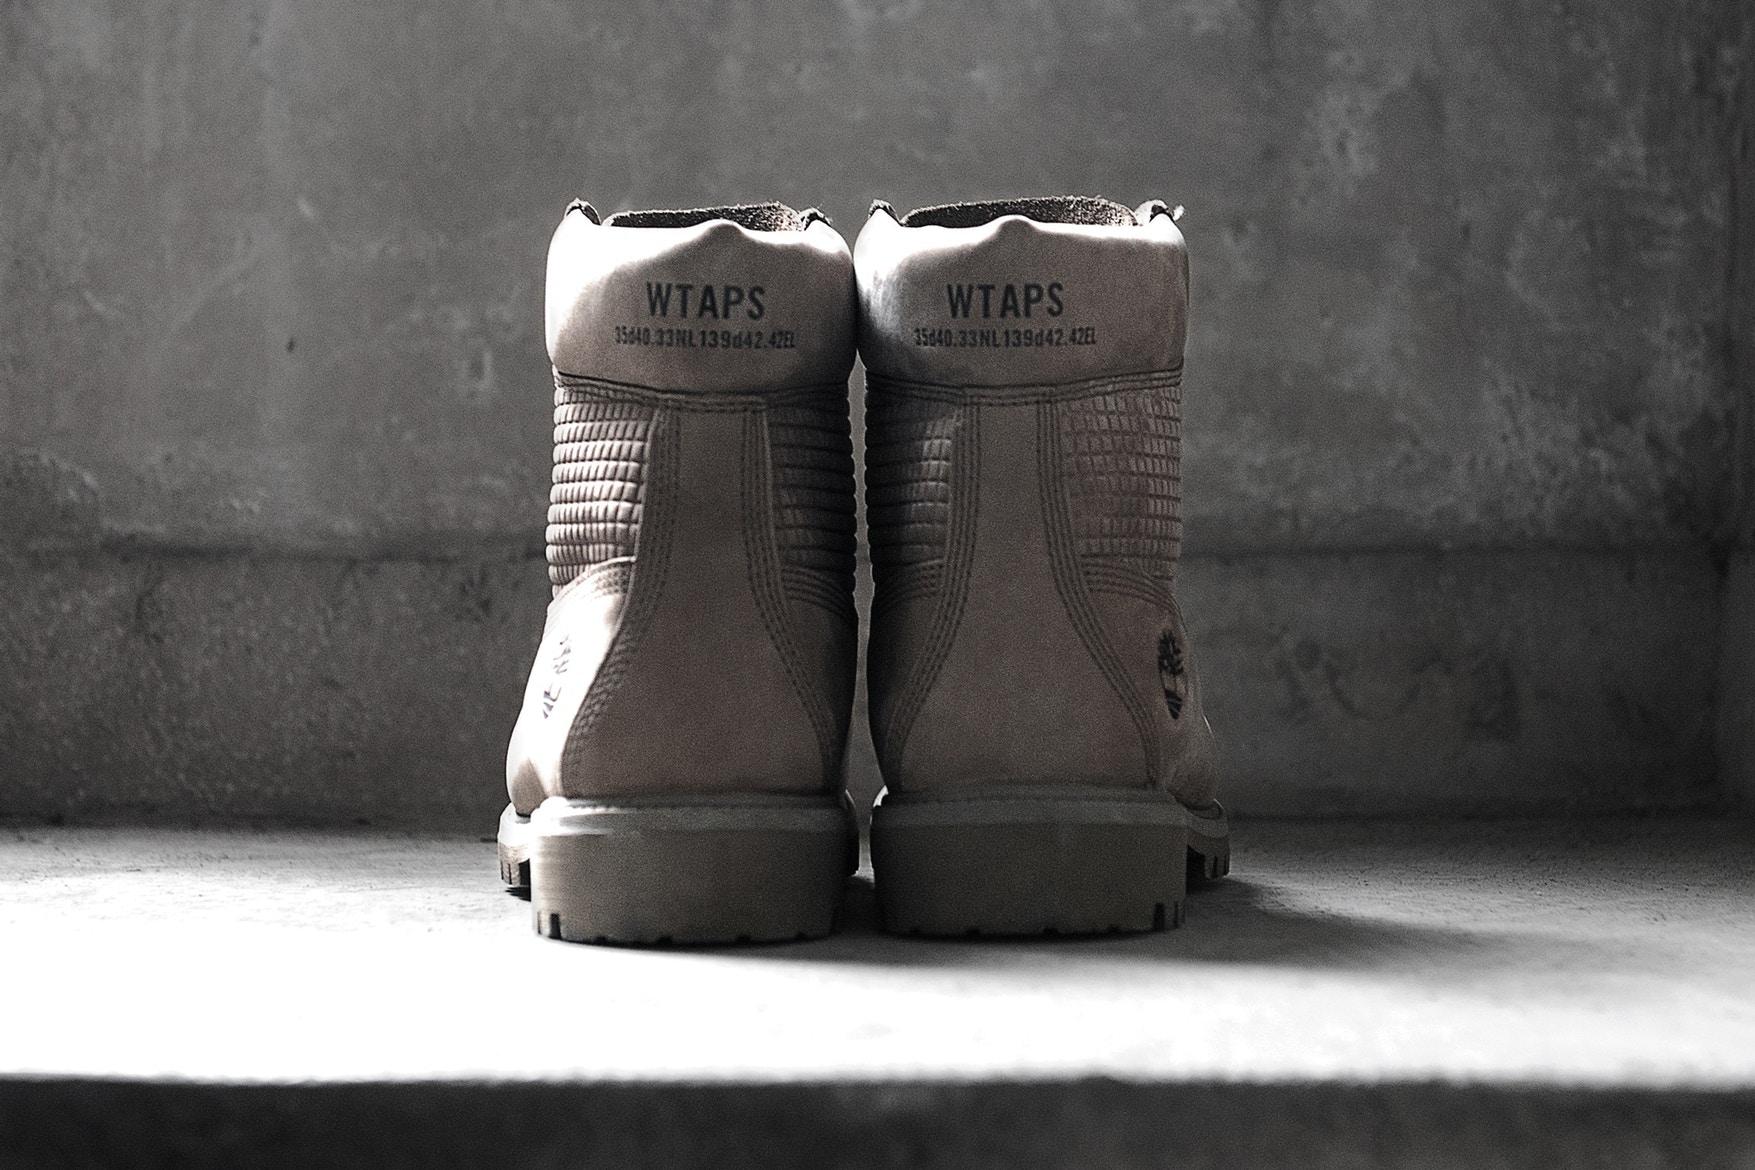 wtaps-timberland-premium-6-inch-boot-3.jpg